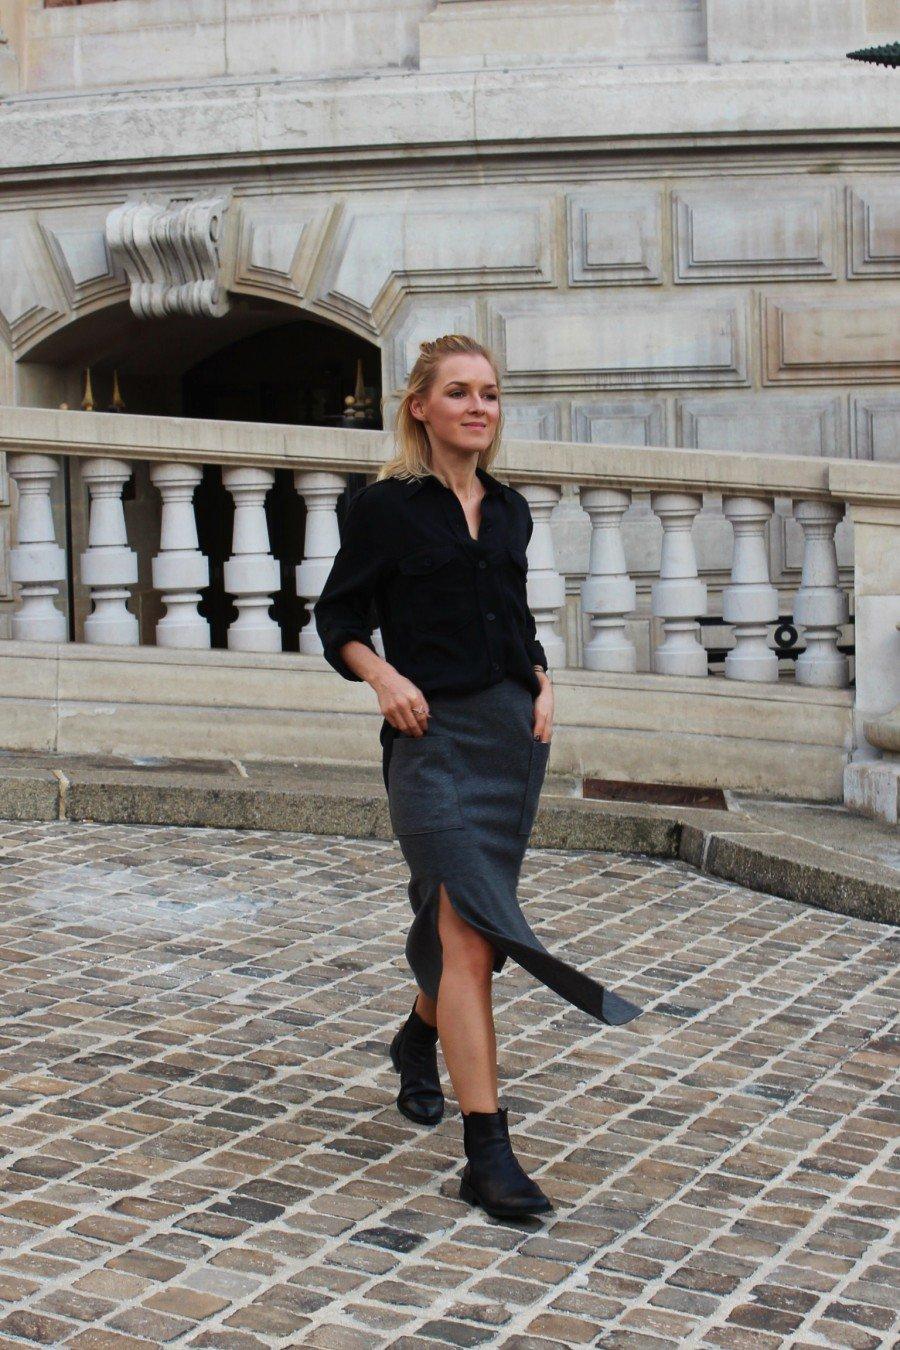 Fashionblogger in Zara-Look